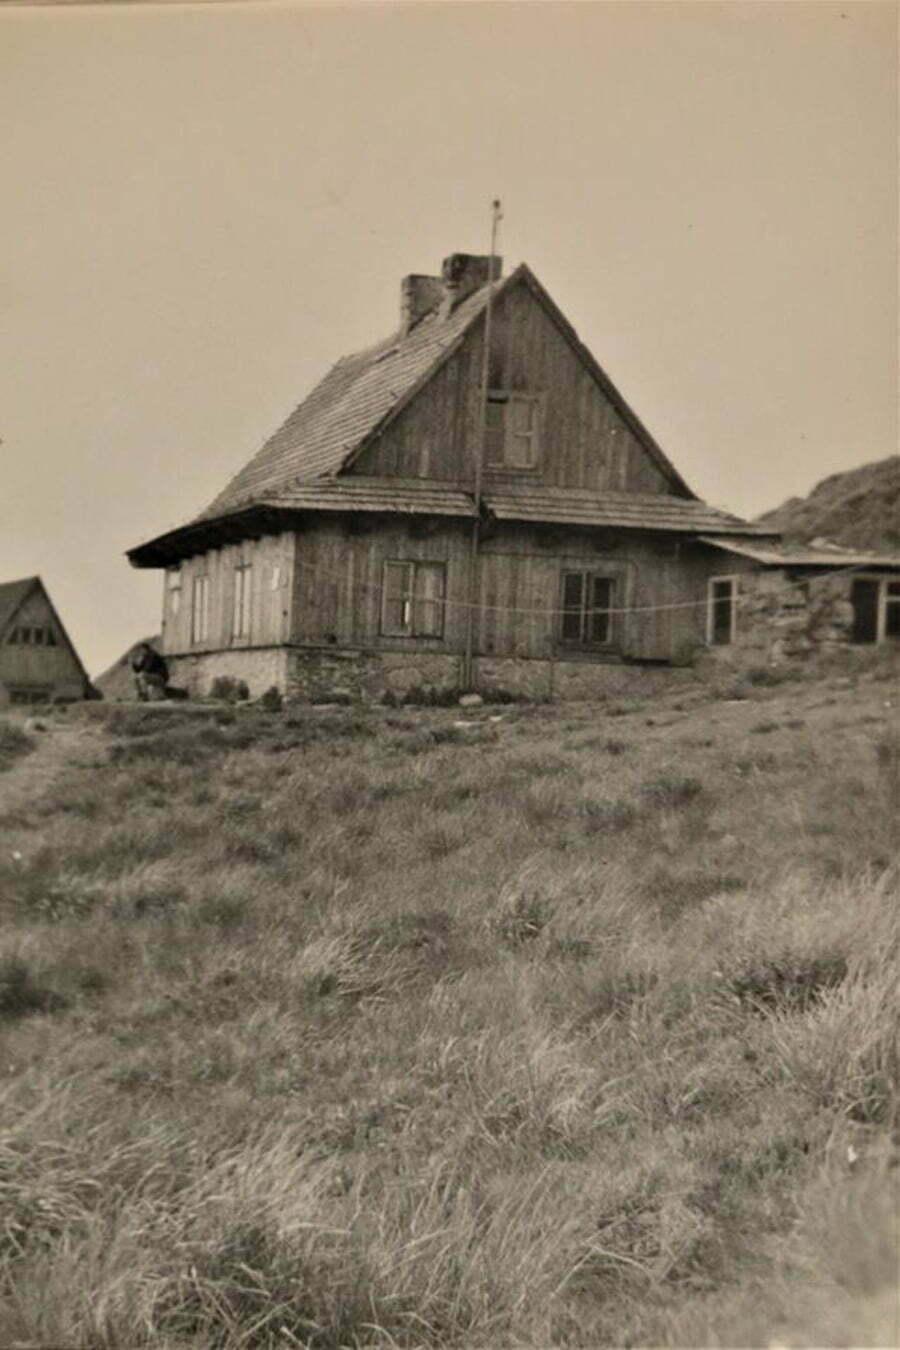 Fot. Archiwum prywatne Lutka Pińczuka/www.facebook.com/Luteklegendabieszczad